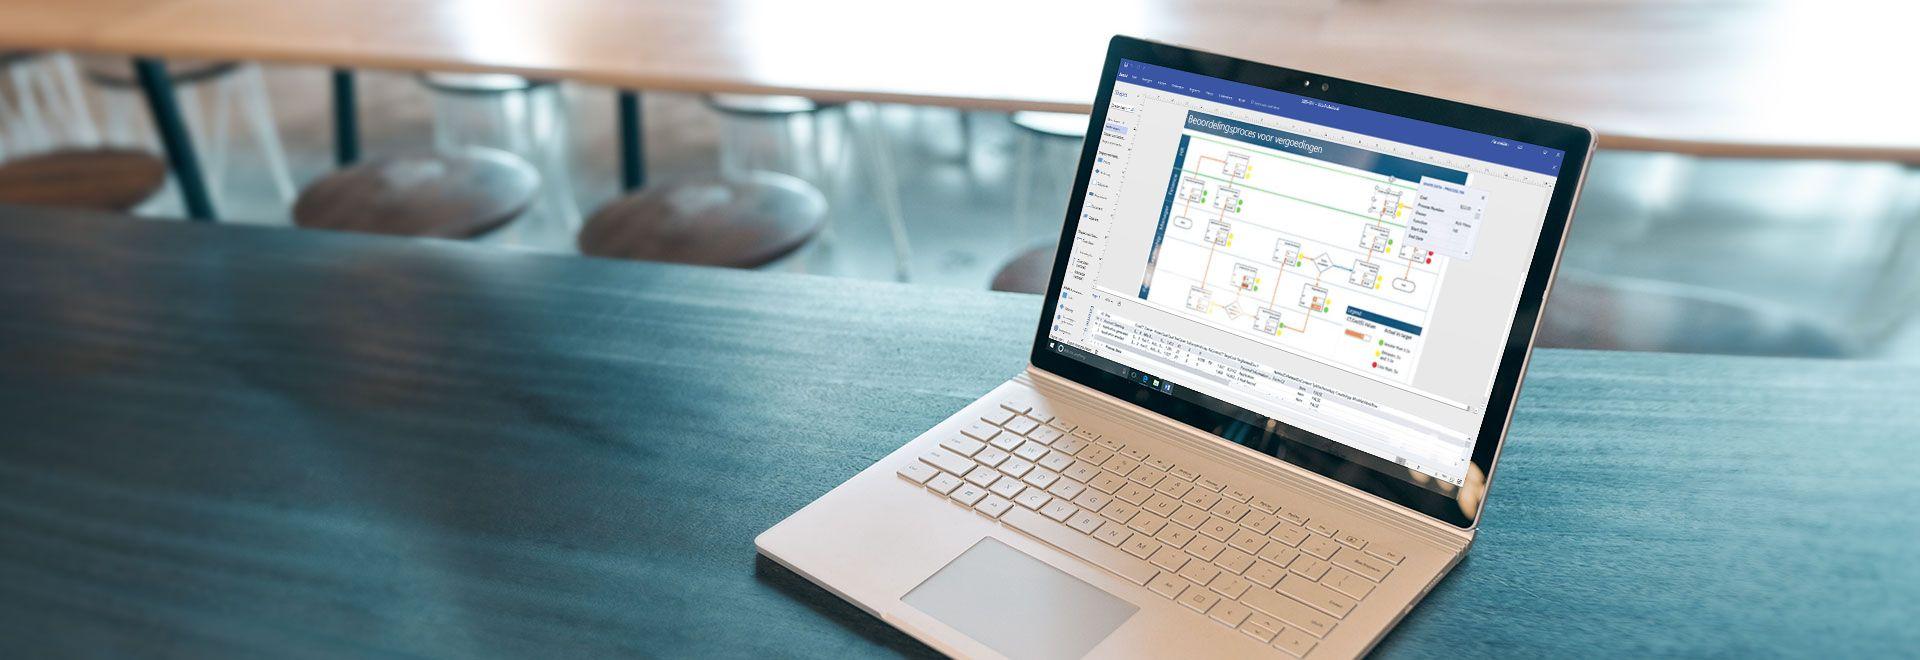 Een laptop waarop een werkstroomdiagram wordt weergegeven in Visio Pro voor Office 365